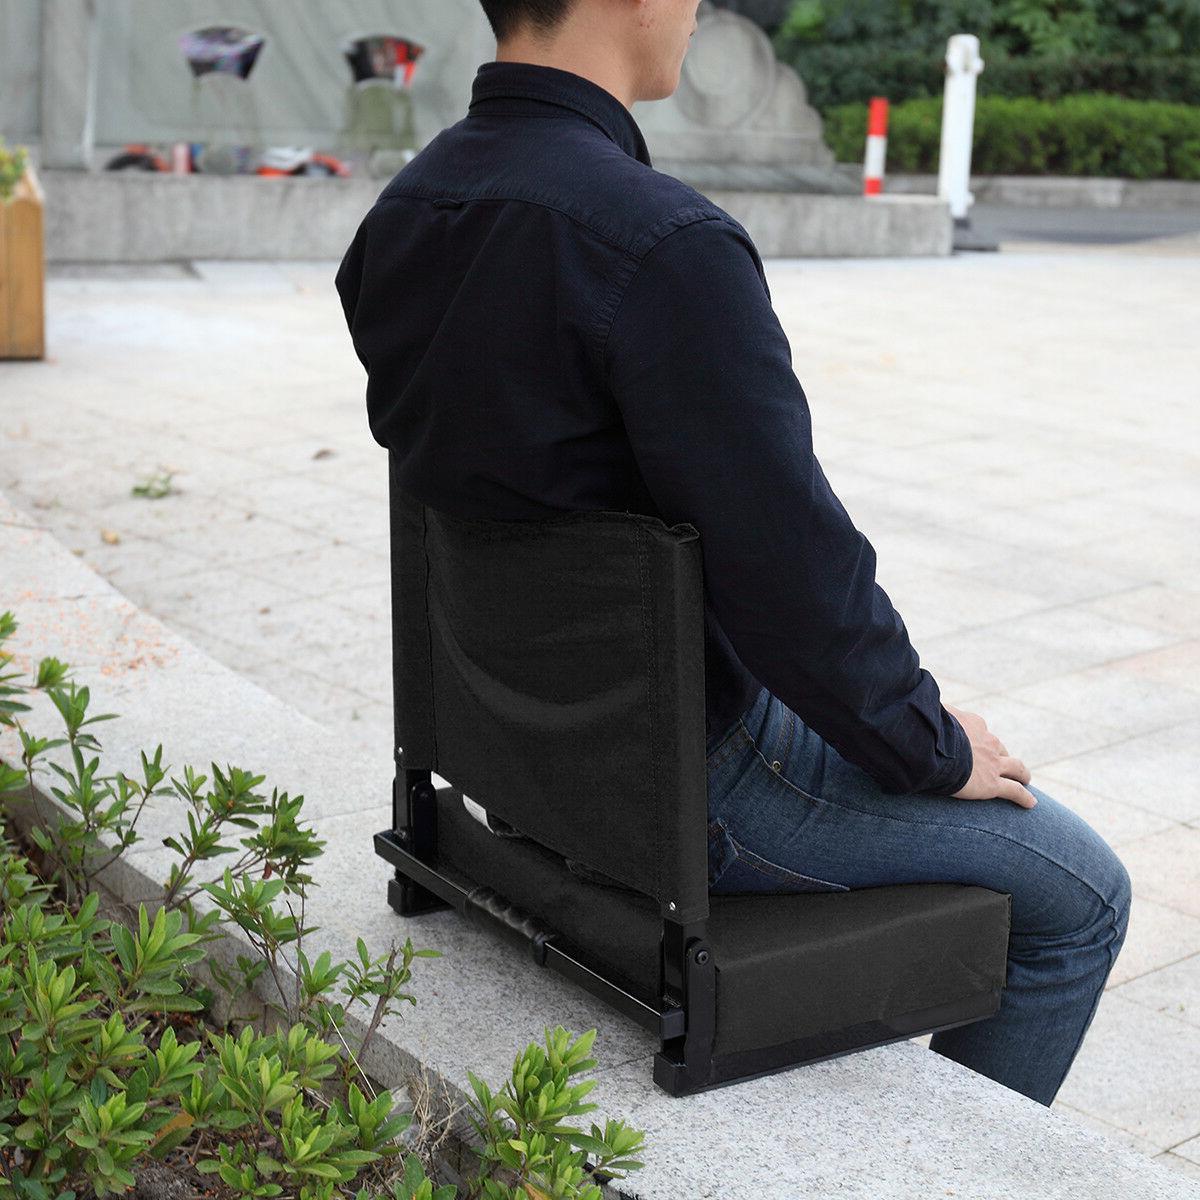 Folding Stadium Chair Bleacher Cushion Sport Grandstand Ultr